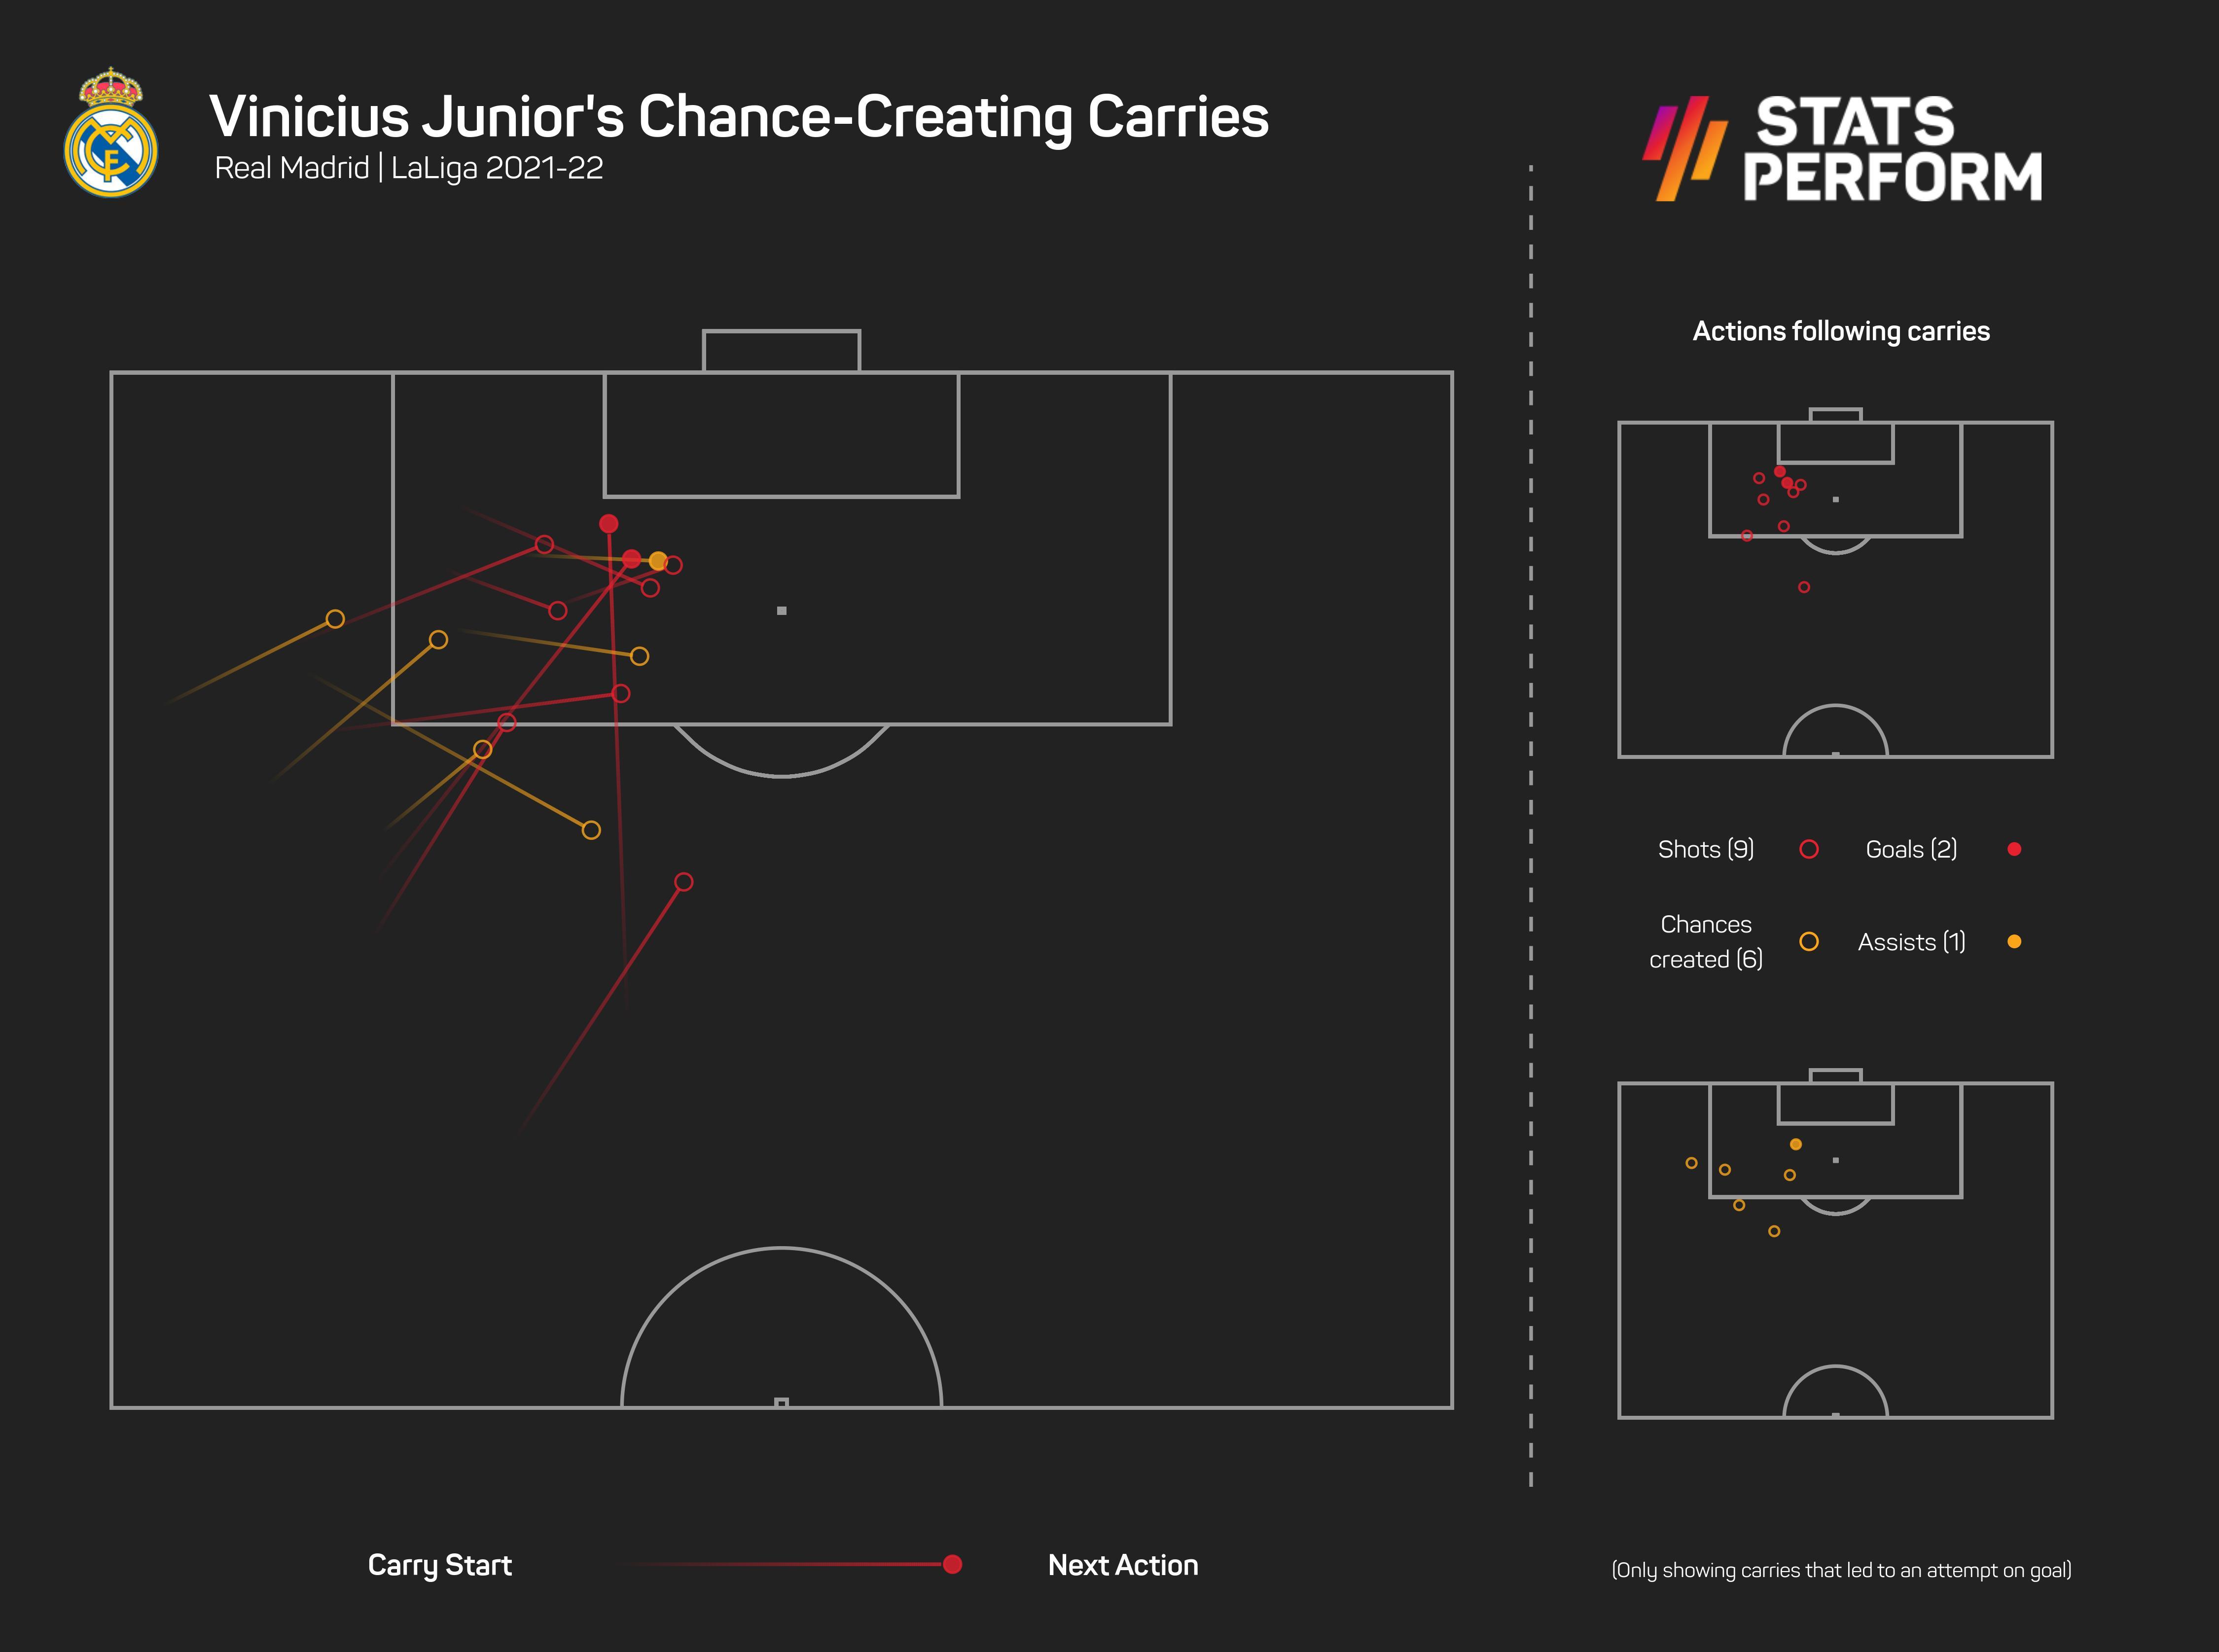 Vinicius Junior chance-creating carries in LaLiga 2021-22